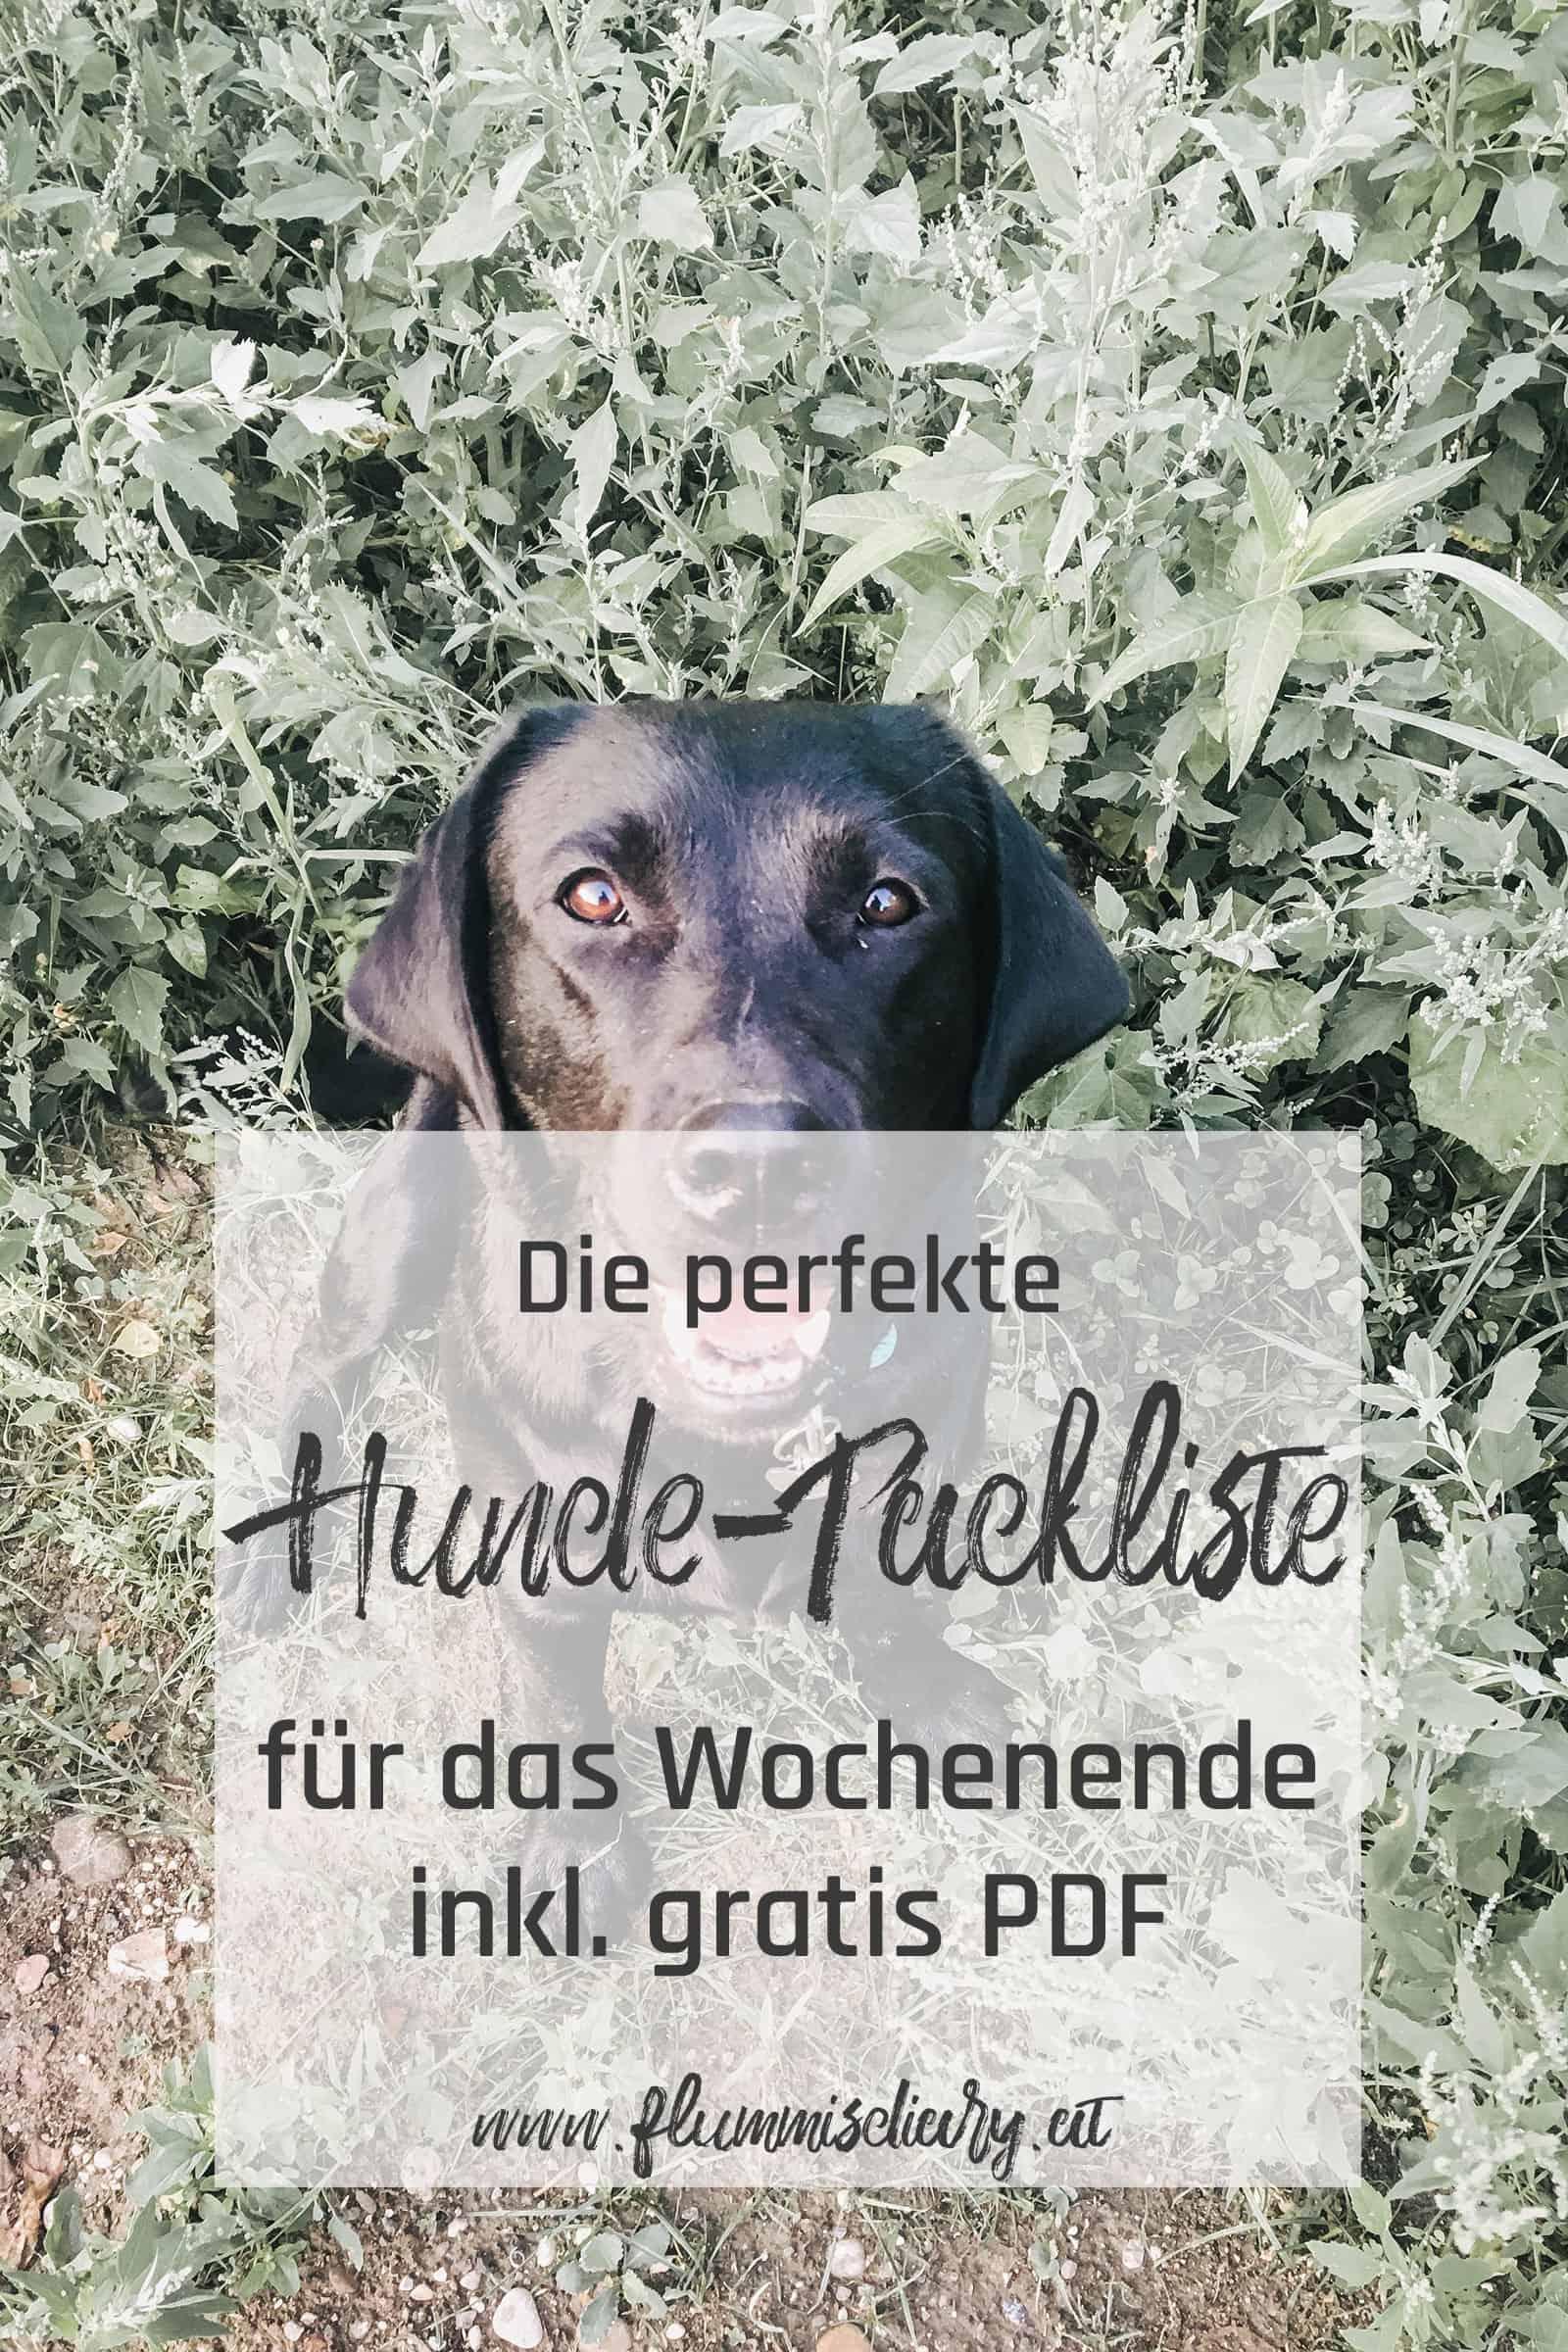 hunde-packliste-für-das-wochenende